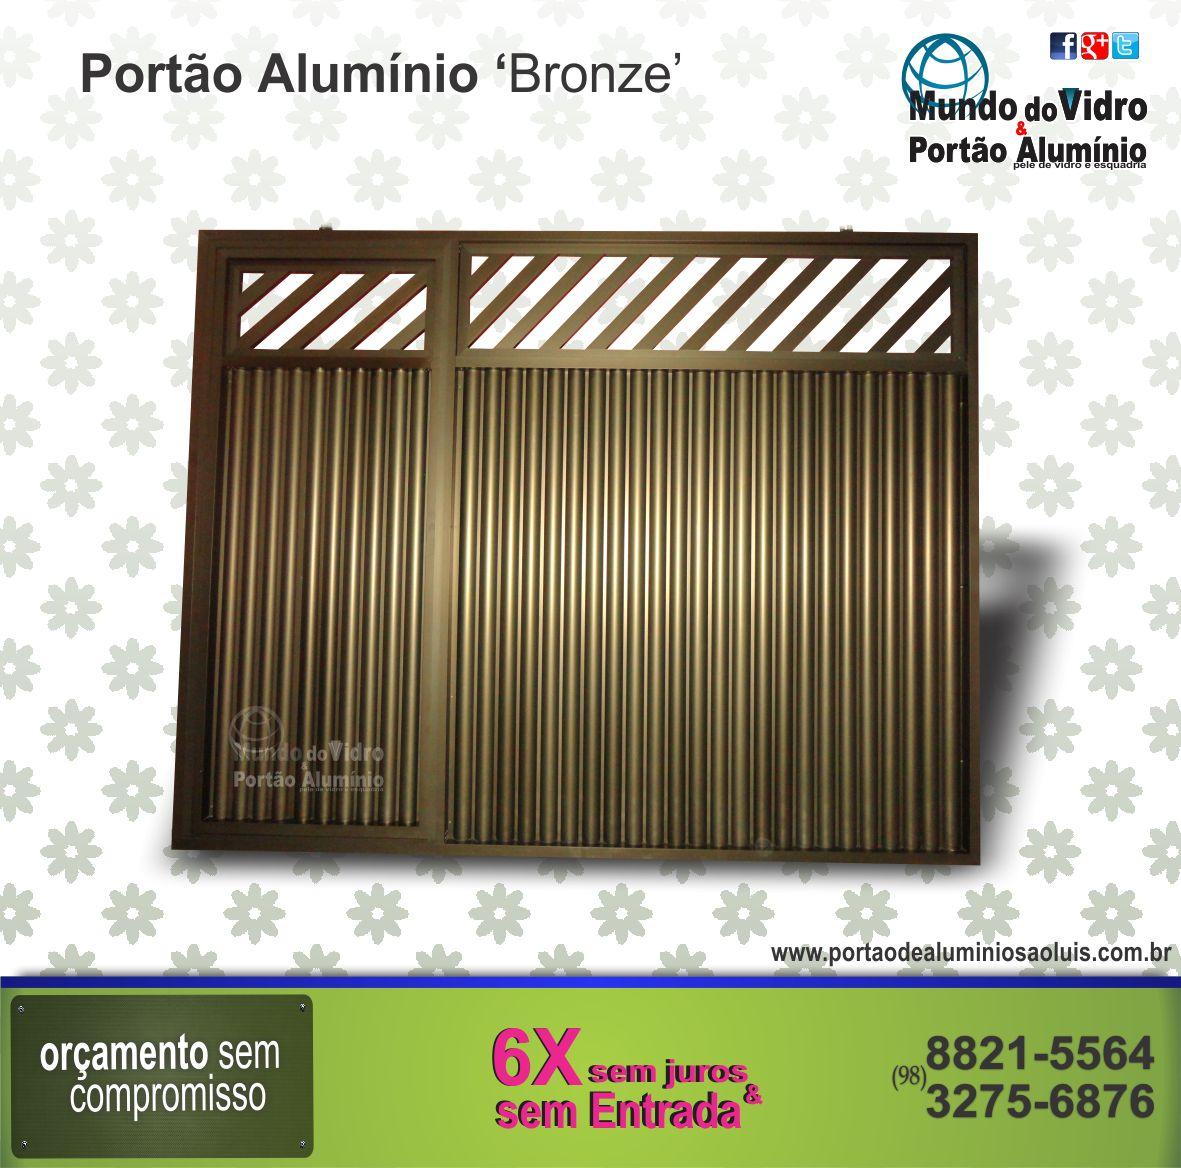 #262F91  . Portão de Alumínio e Vidro em São Luís MA Mundo do Vidro 116 Janelas De Vidro Em Sao Luis Ma